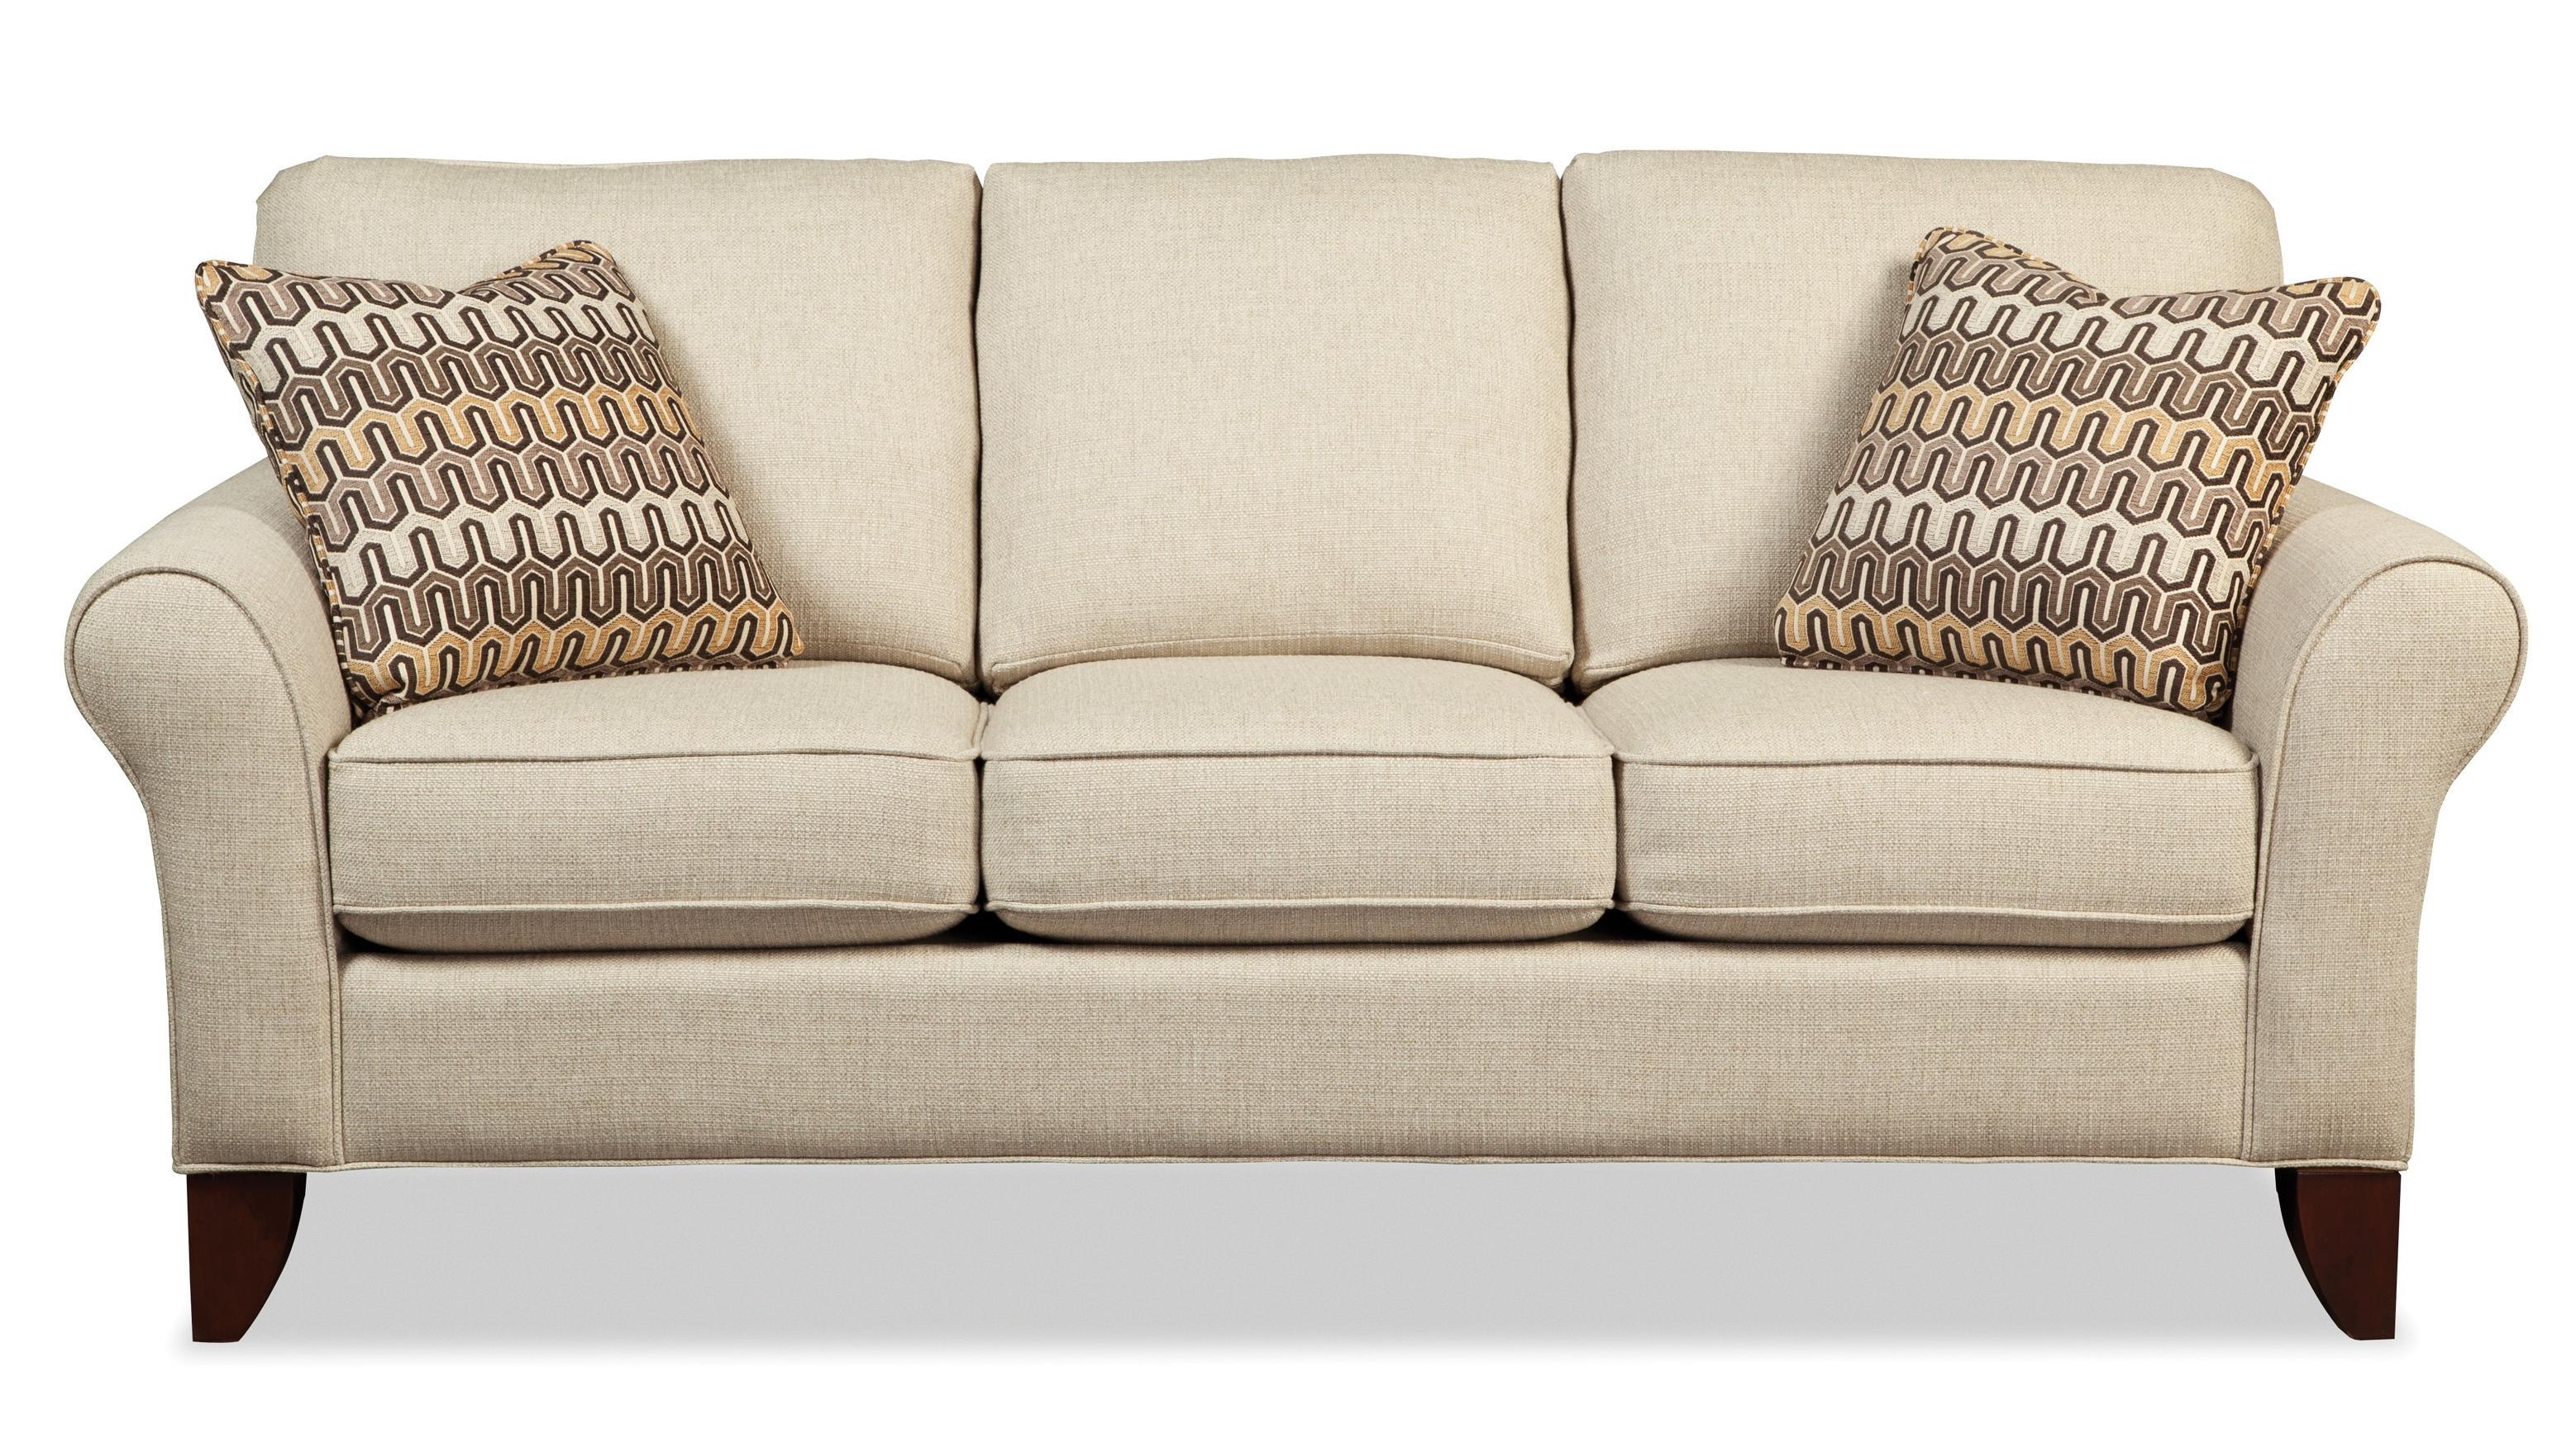 Genial Becker Furniture World